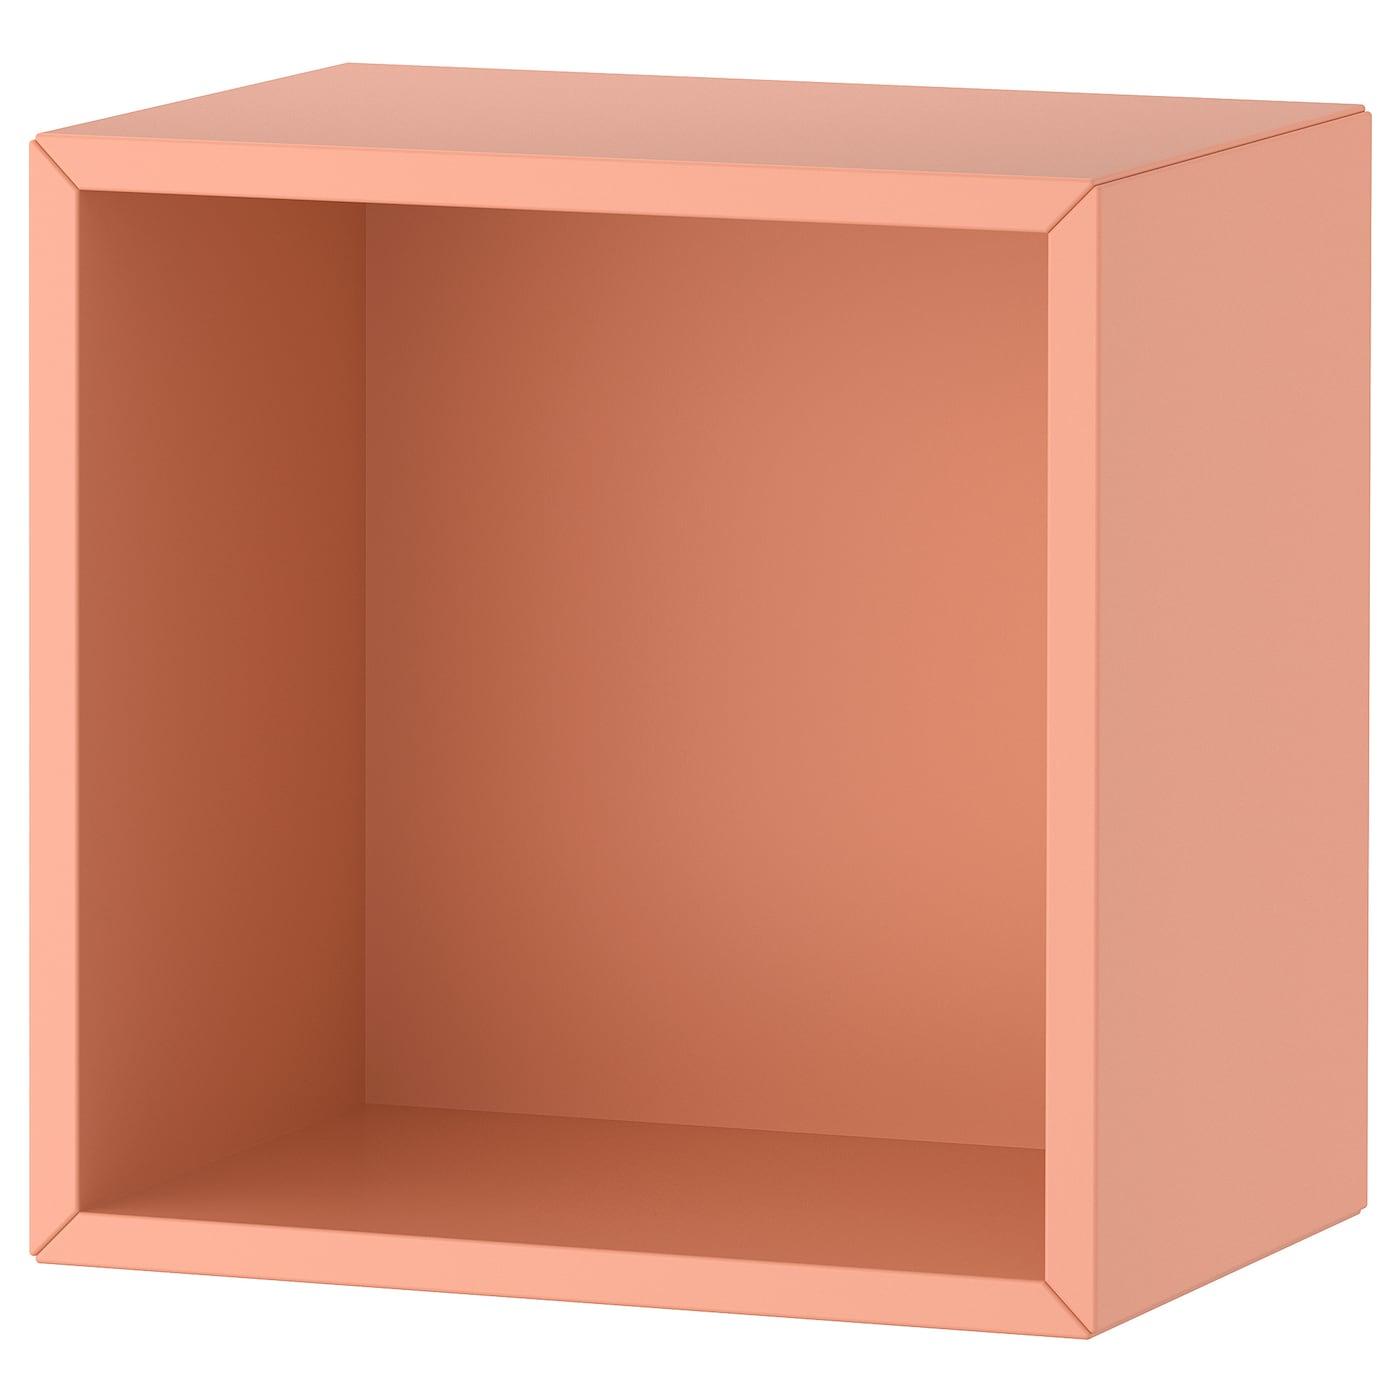 eket cabinet light orange 35 x 25 x 35 cm ikea. Black Bedroom Furniture Sets. Home Design Ideas